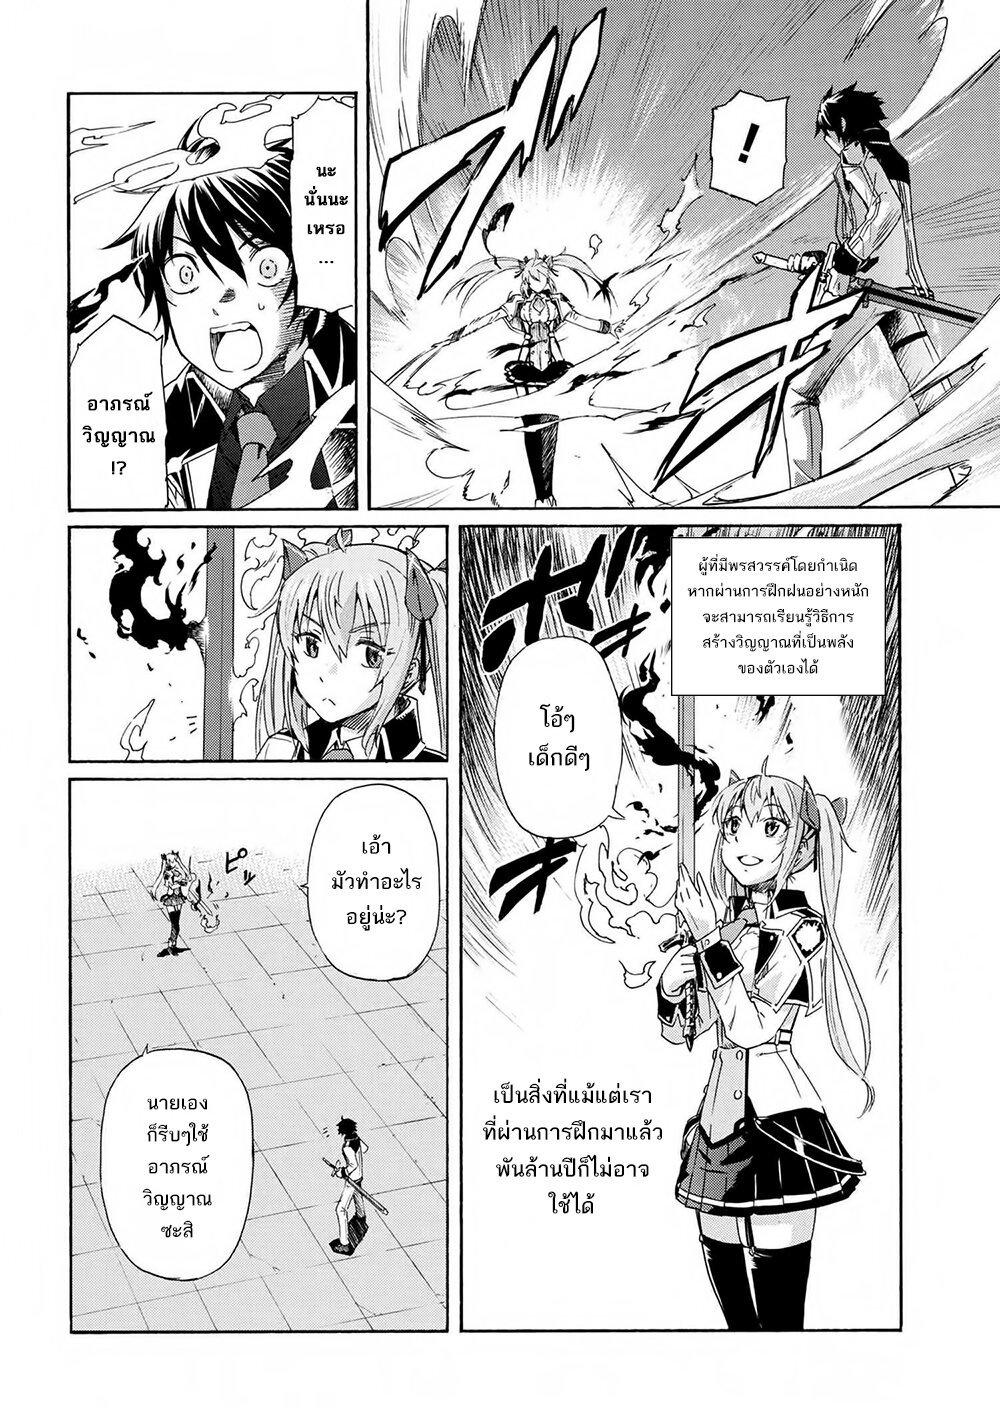 อ่านการ์ตูน Ichioku-nen Button o Renda Shita Ore wa Kizuitara Saikyou ni Natteita ตอนที่ 5 หน้าที่ 7